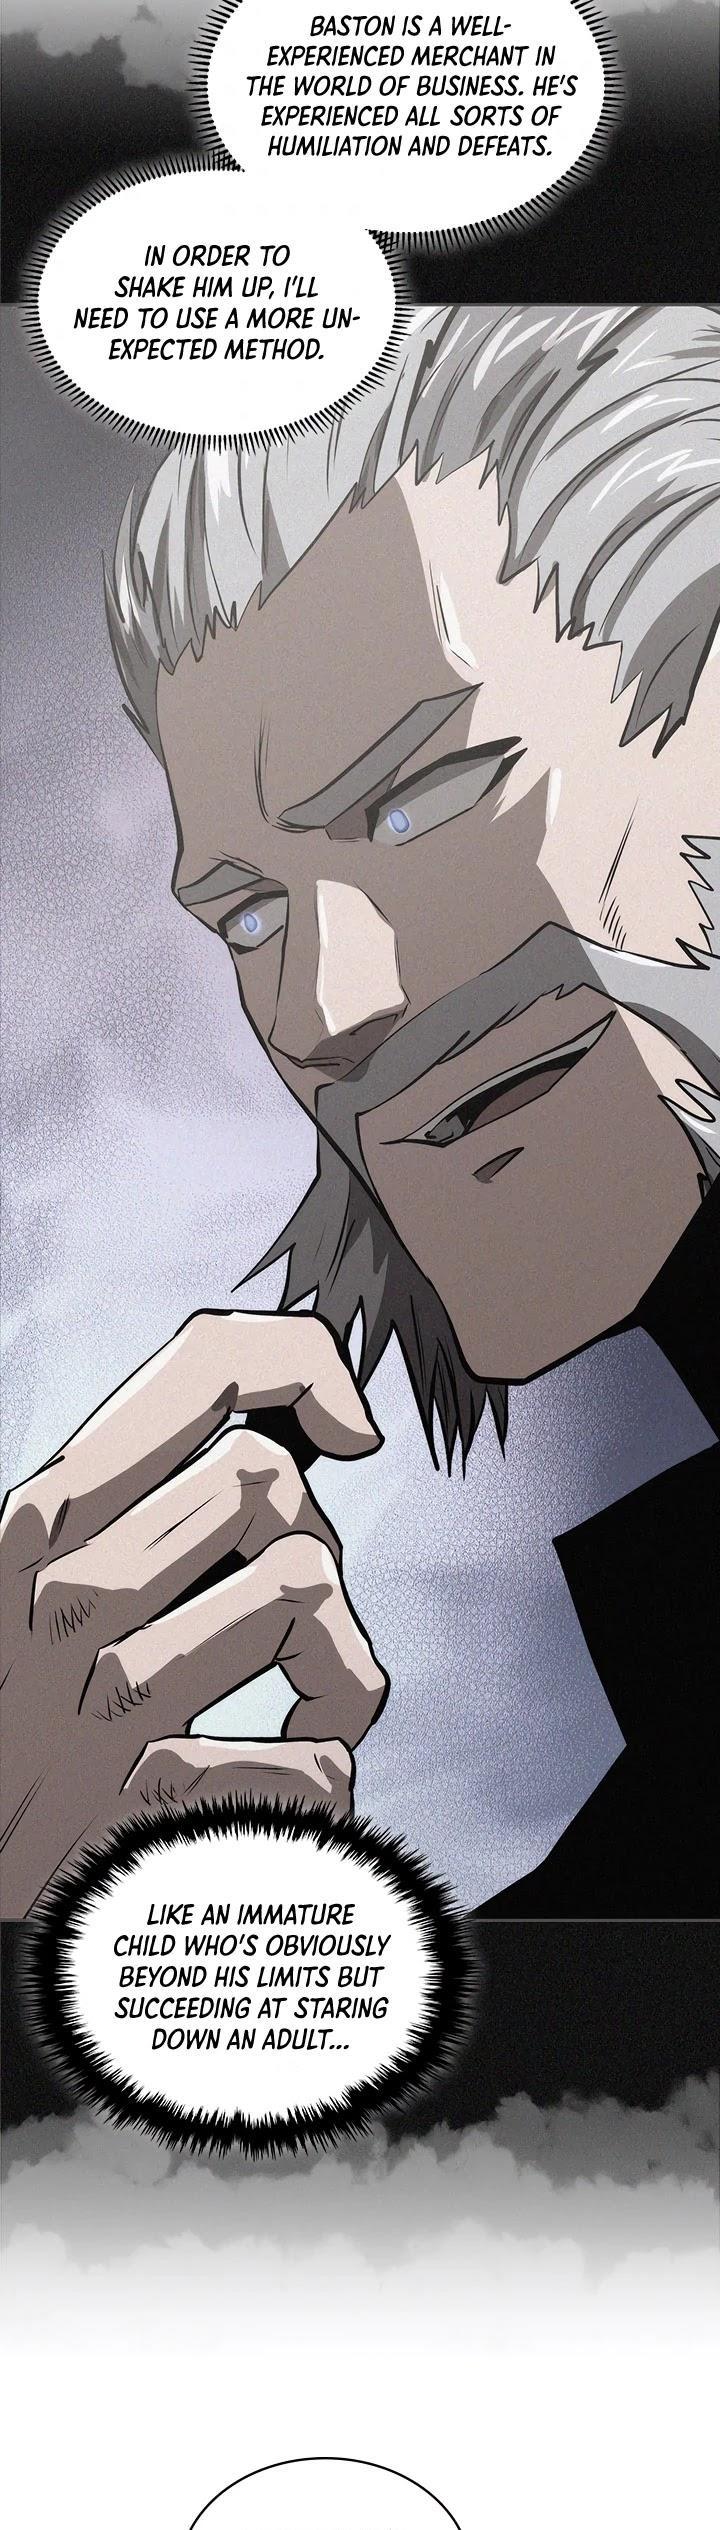 Other World Warrior Chapter 170: Season 4 Ch 58 page 24 - Mangakakalot